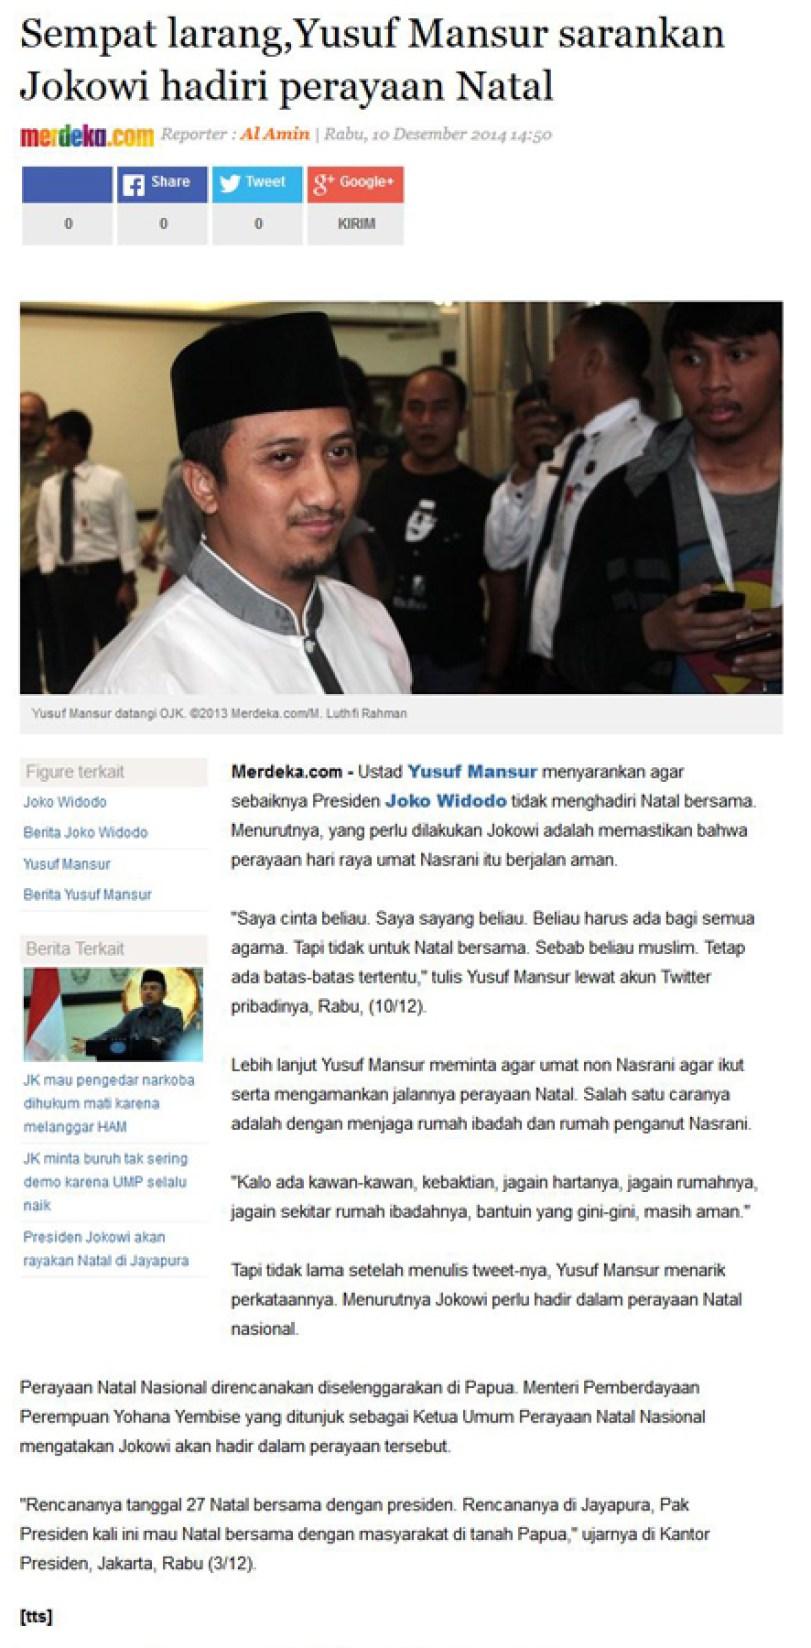 Merdeka.com diduga fitnah Ustadz Yusuf Mansur